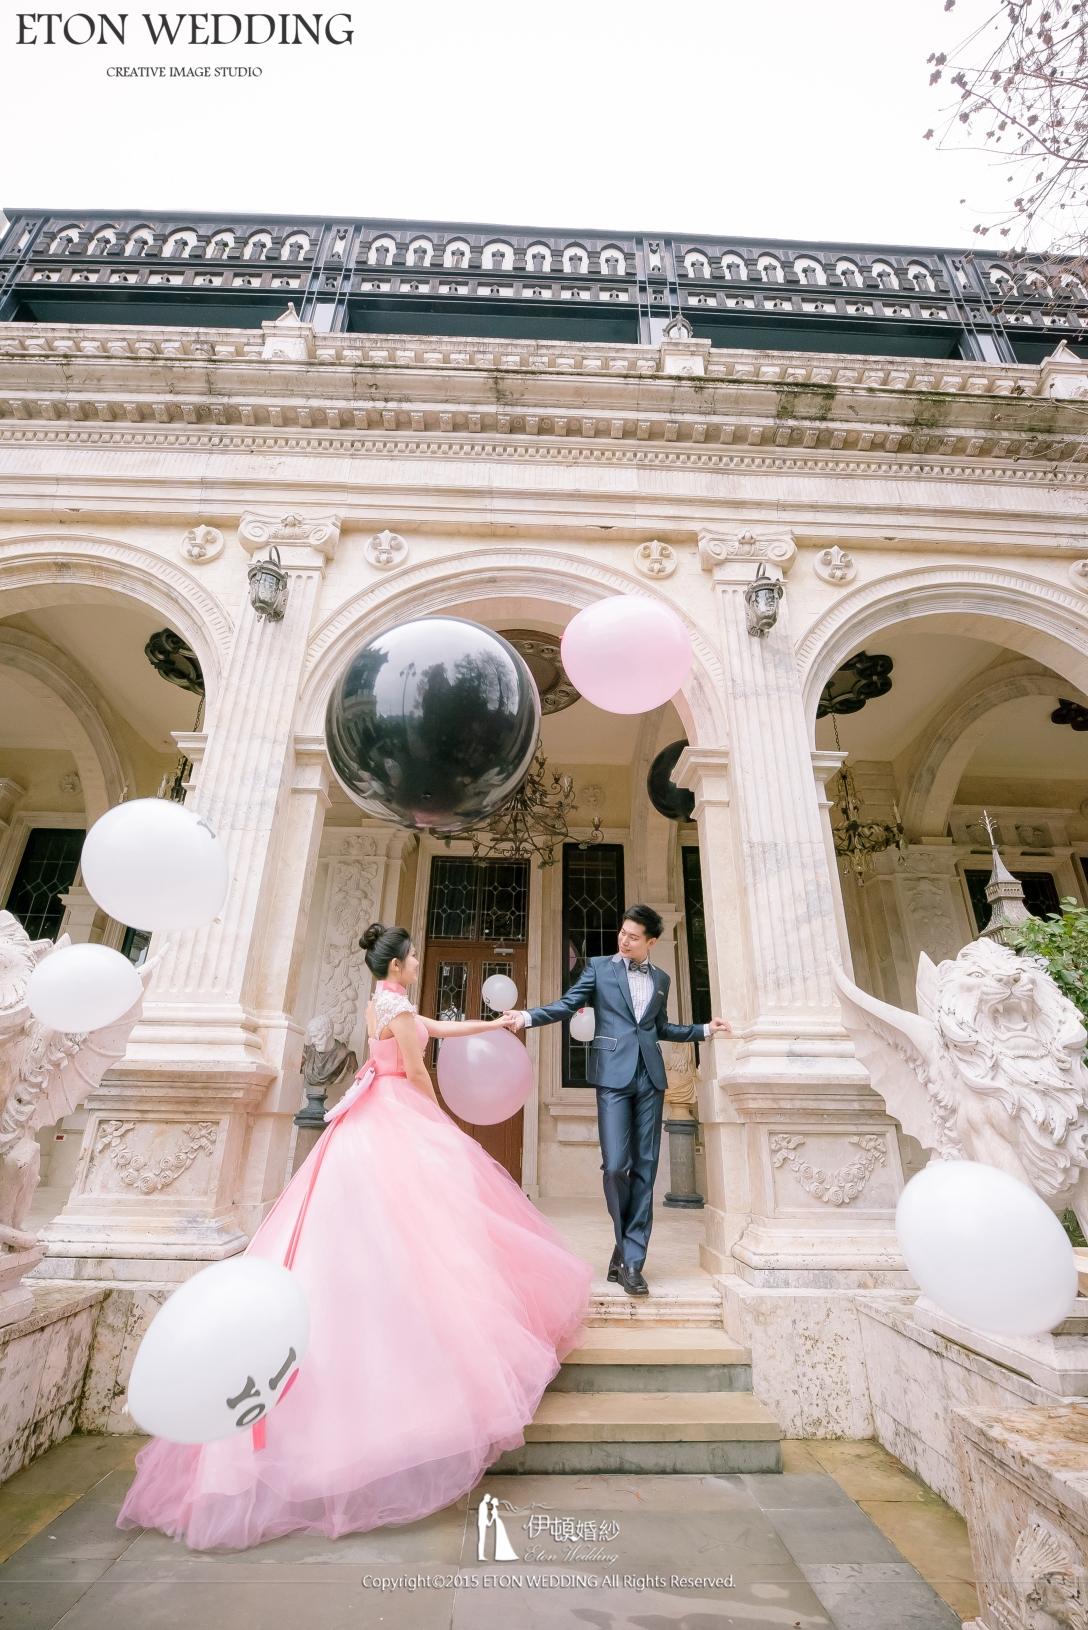 婚紗攝影,婚紗攝影作品,婚紗攝影推薦,婚紗攝影ptt,婚紗攝影師,台北婚紗攝影,婚紗攝影風格,2019婚紗攝影,婚紗攝影 推薦,台北 婚紗攝影 (11)